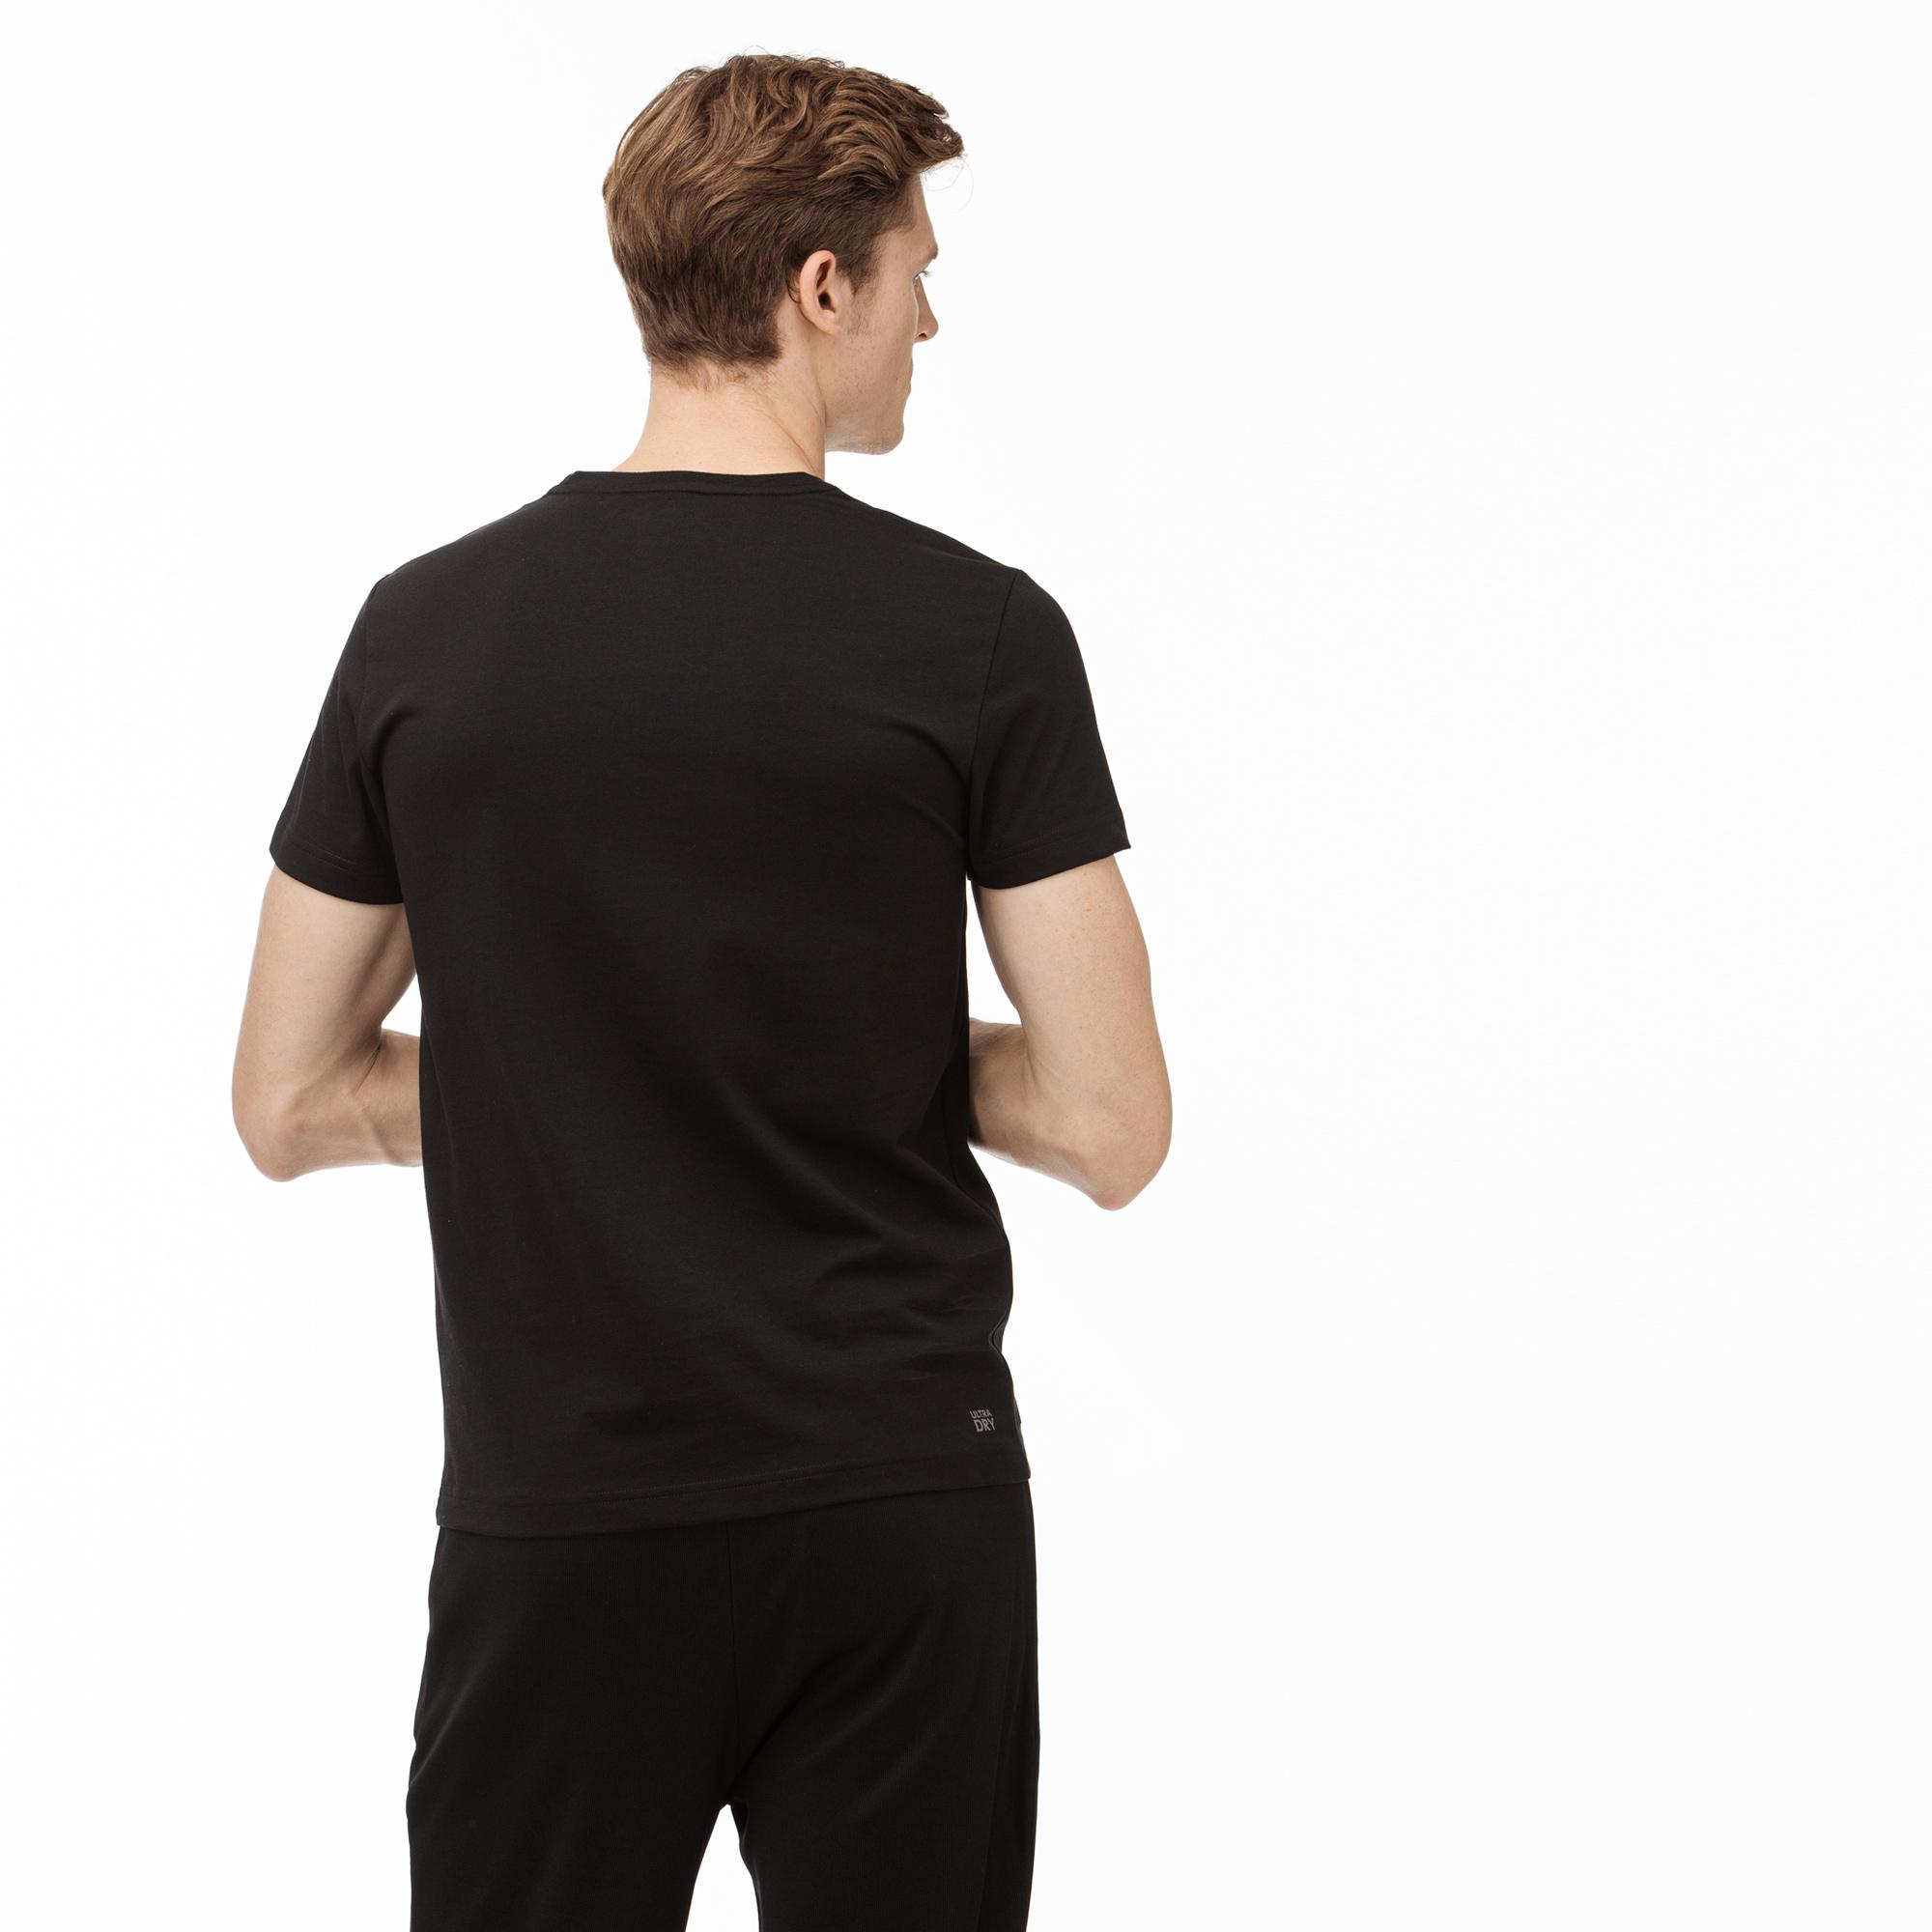 Lacoste Sport Men's Graphic Print Breathable T-Shirt